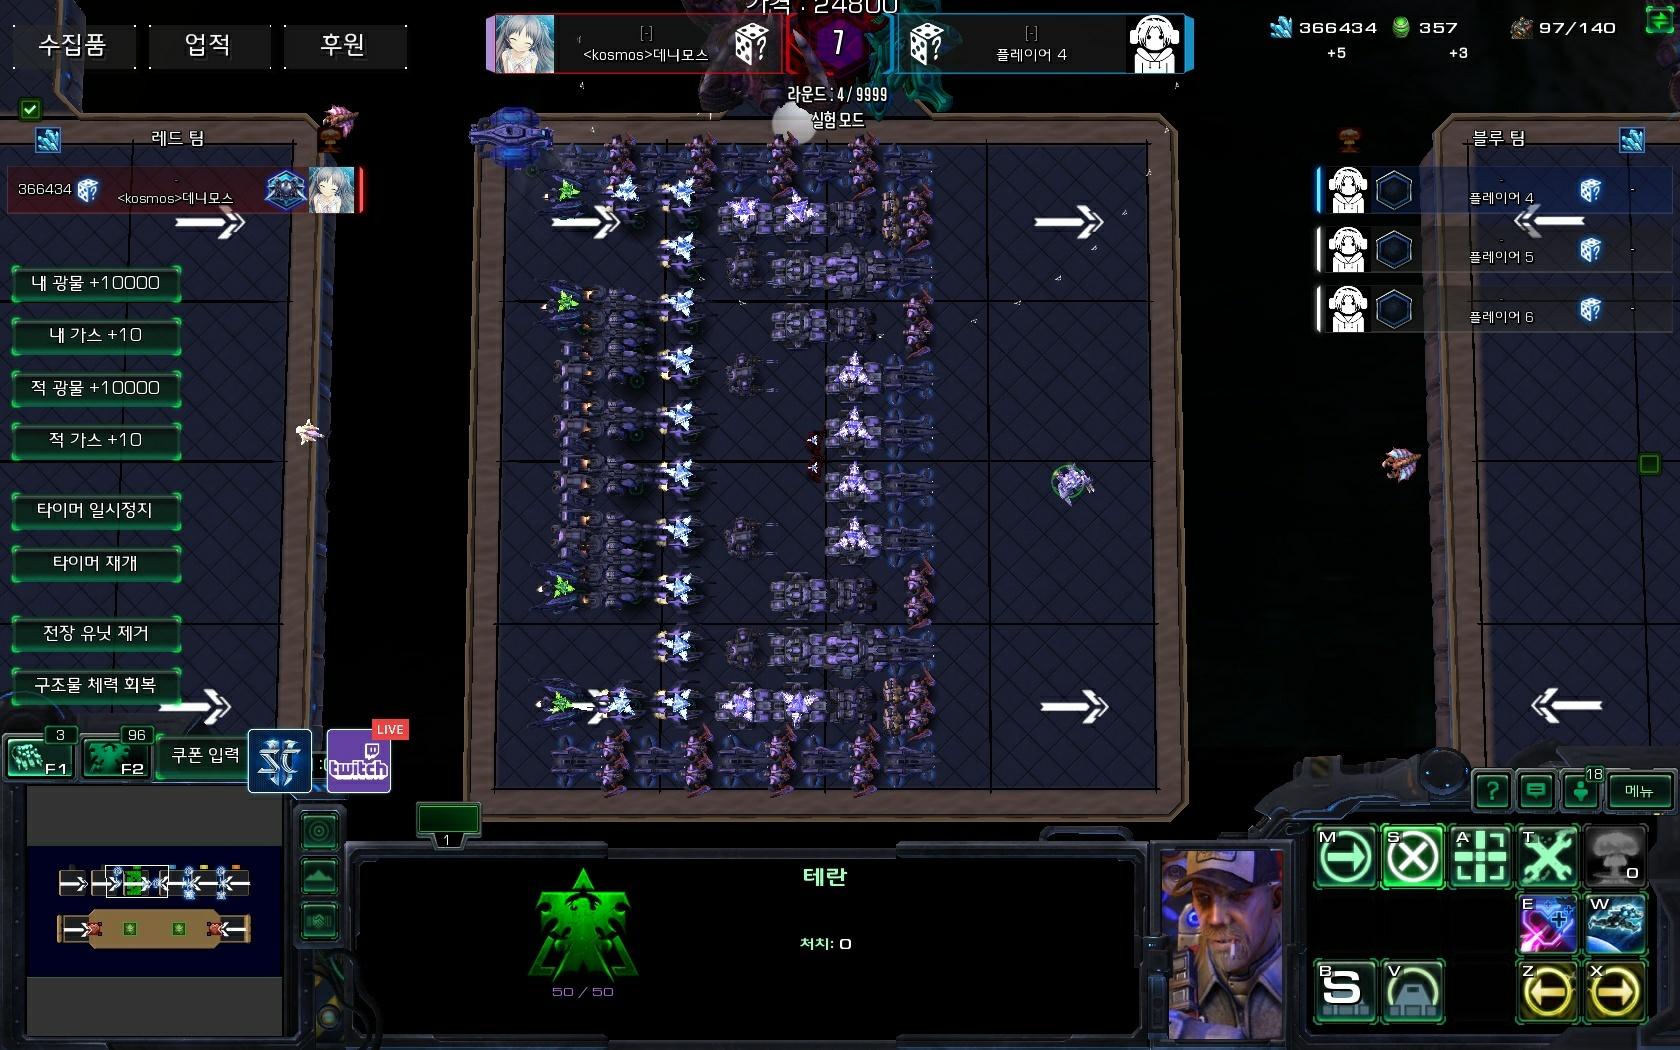 Screenshot2020-08-09 09_49_00.jpg